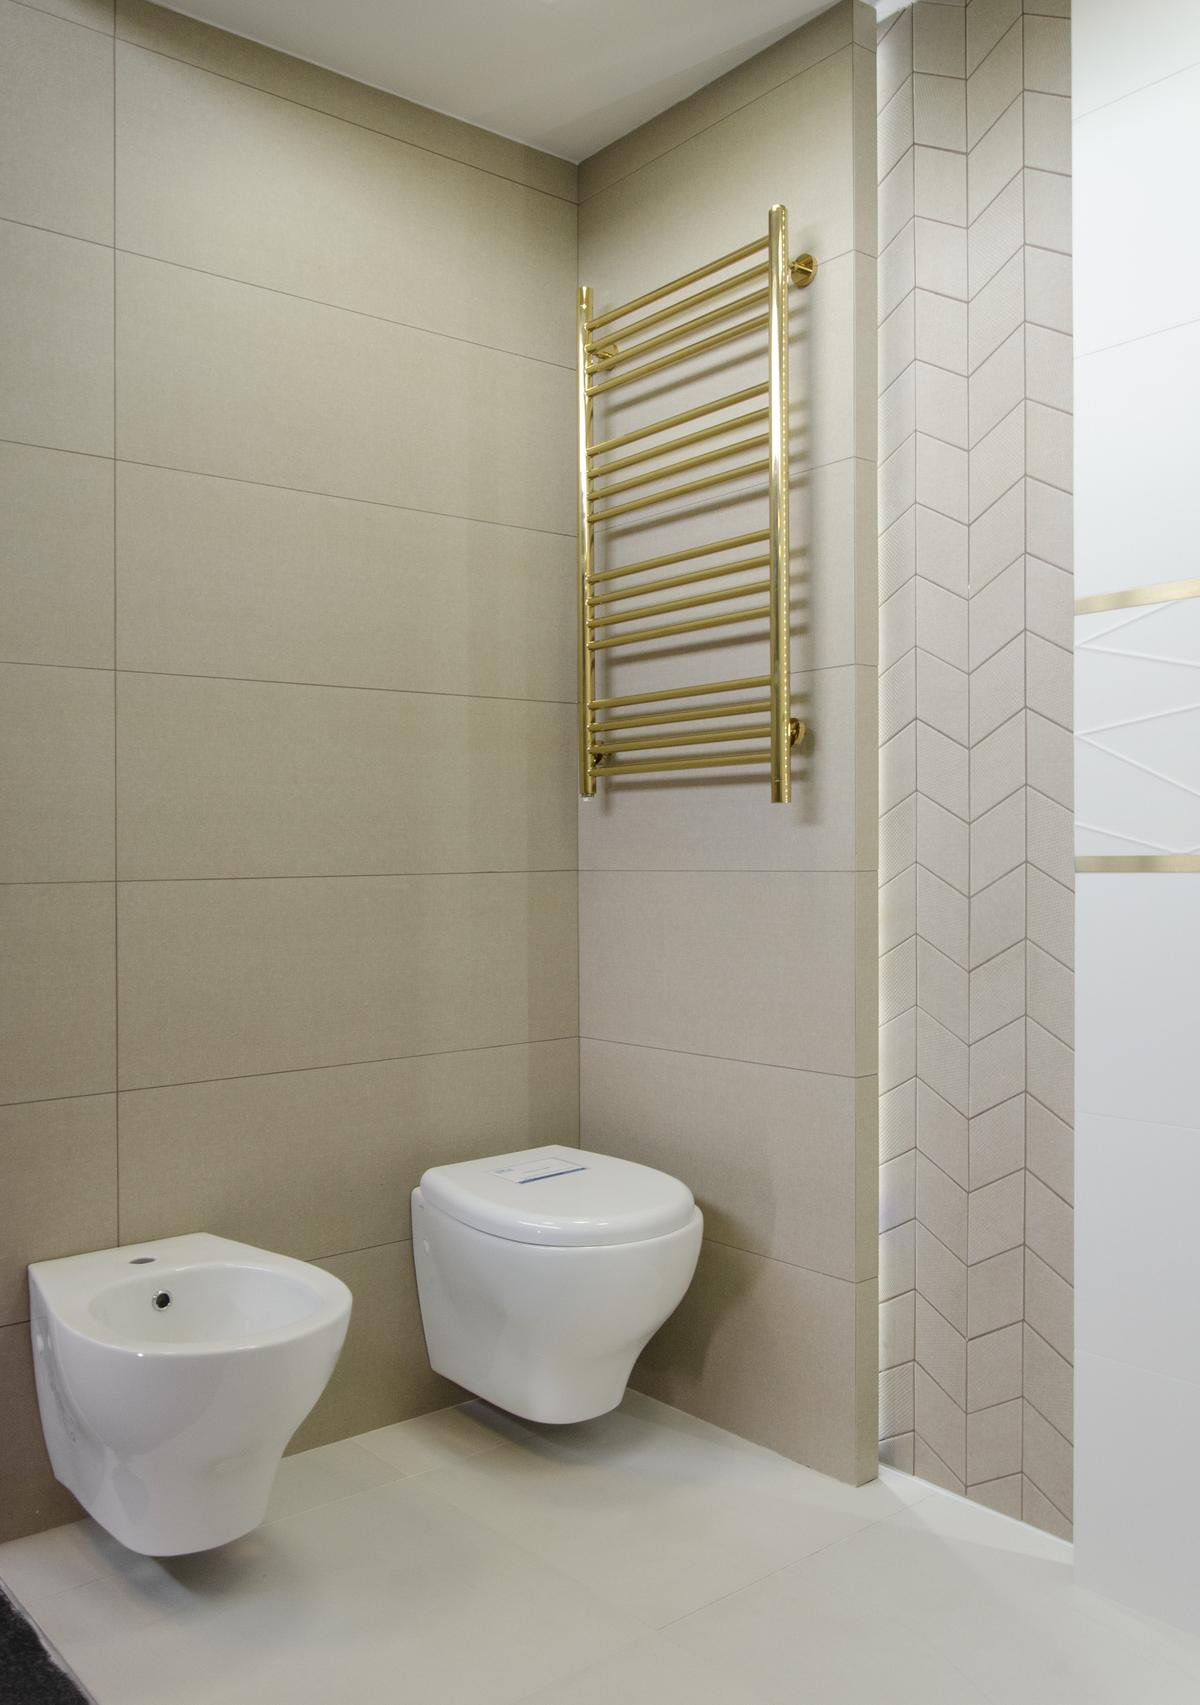 Łazienka w kolorze piaskowym ze złotymi akcentami - zdjęcie od BLU salon łazienek Łowicz